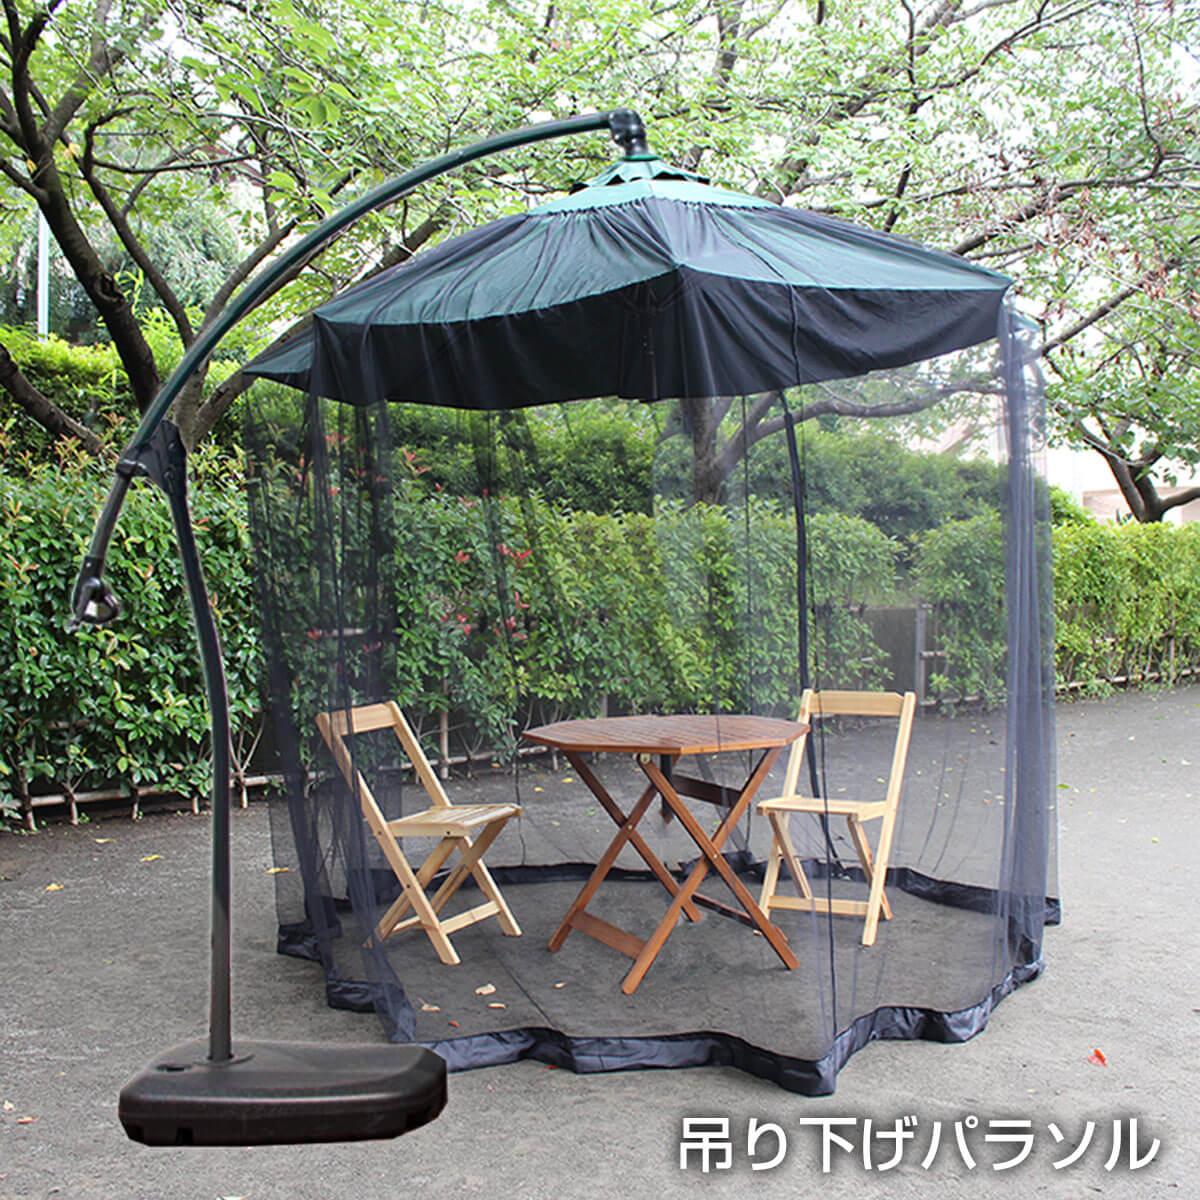 2021年度最新版 アウトドア 蚊帳 モスキートネット バグズシャット 蚊除け 虫よけ ガーデンパラソル用 ベランピング グランピング 家キャン 植物 無農薬